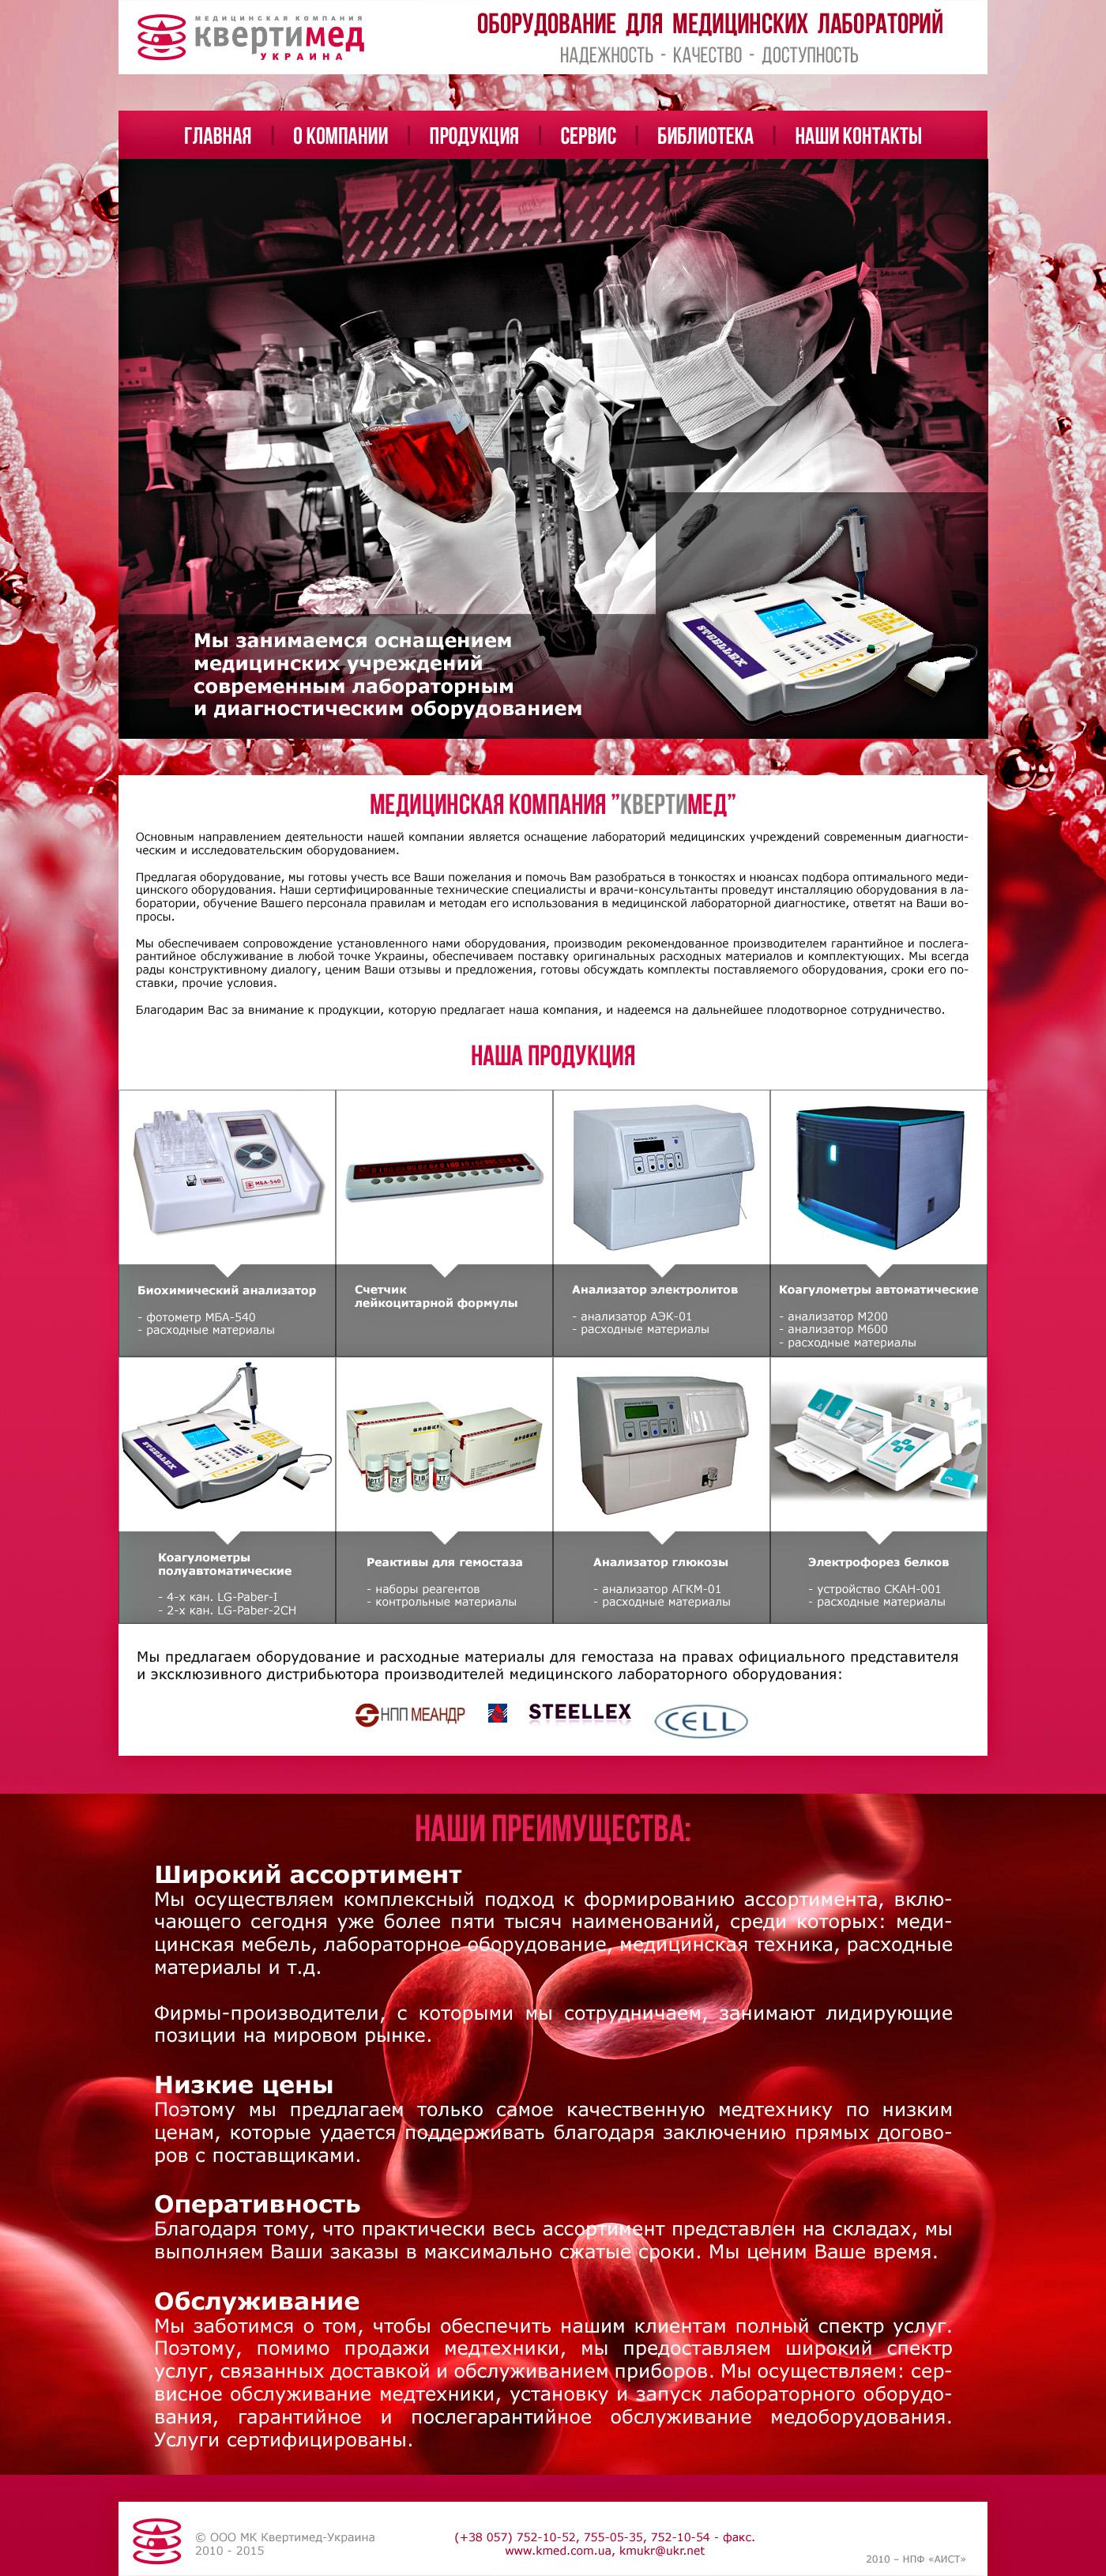 Корпоративный сайт медицинской компании лабораторного оборудования  «Квертимед» f5a6476bc4a